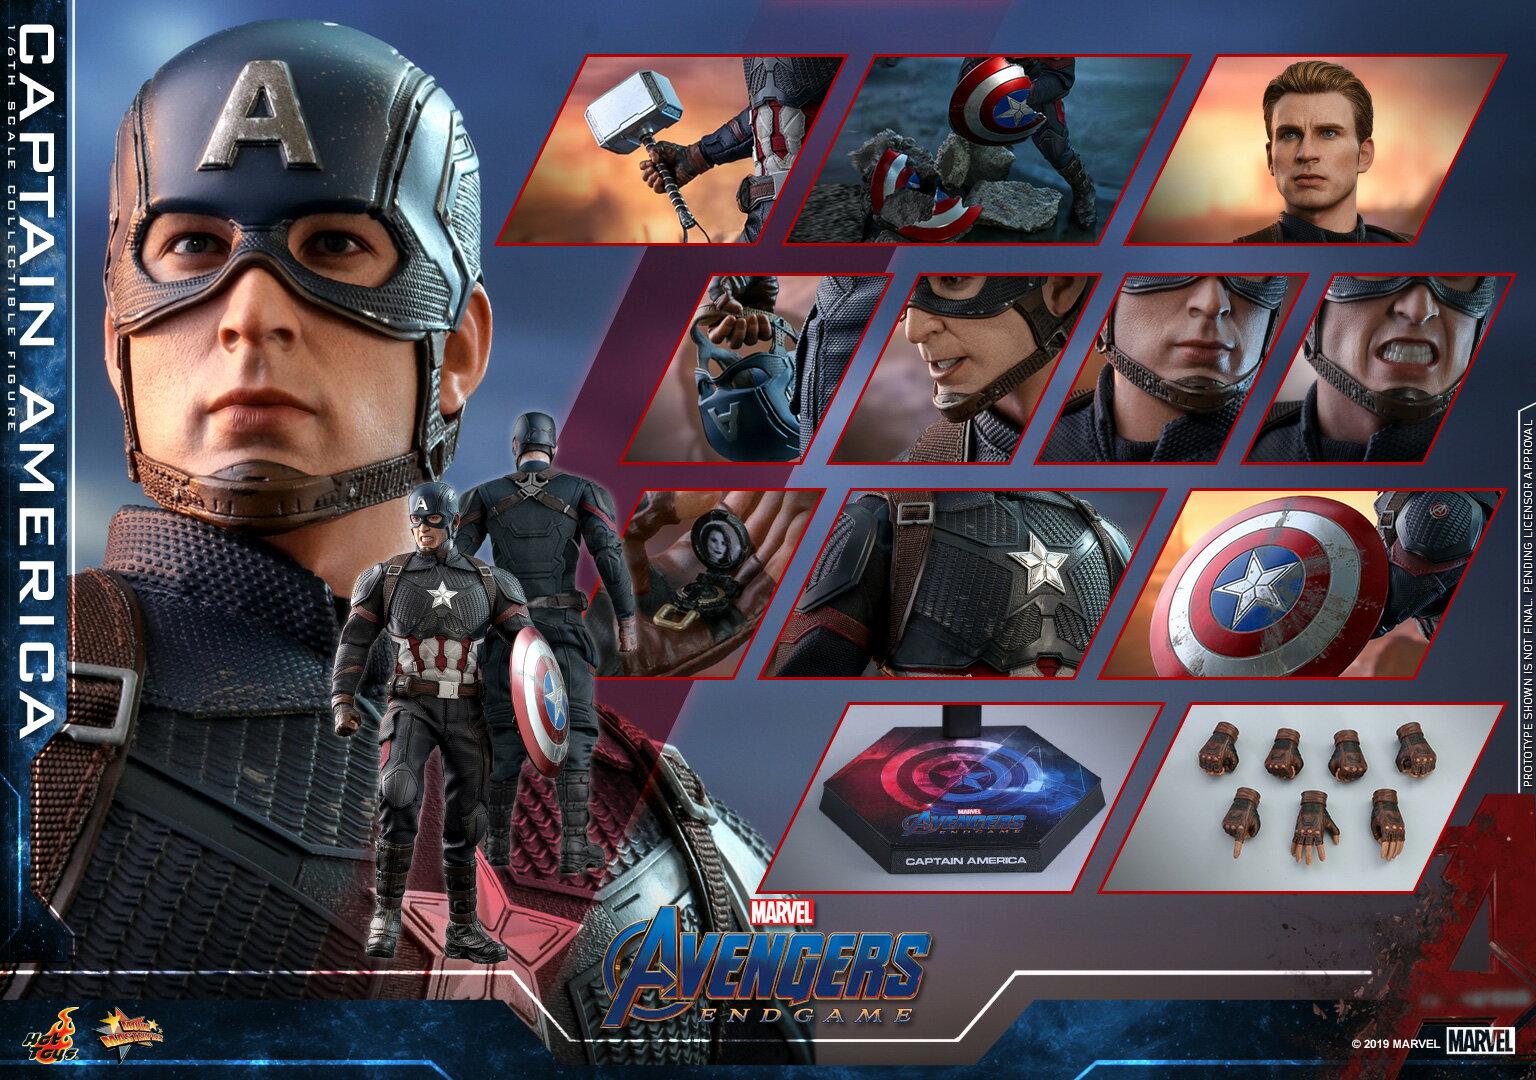 コレクション, フィギュア Hottoys MMS536 16 Avengers: Endgame - Captain America